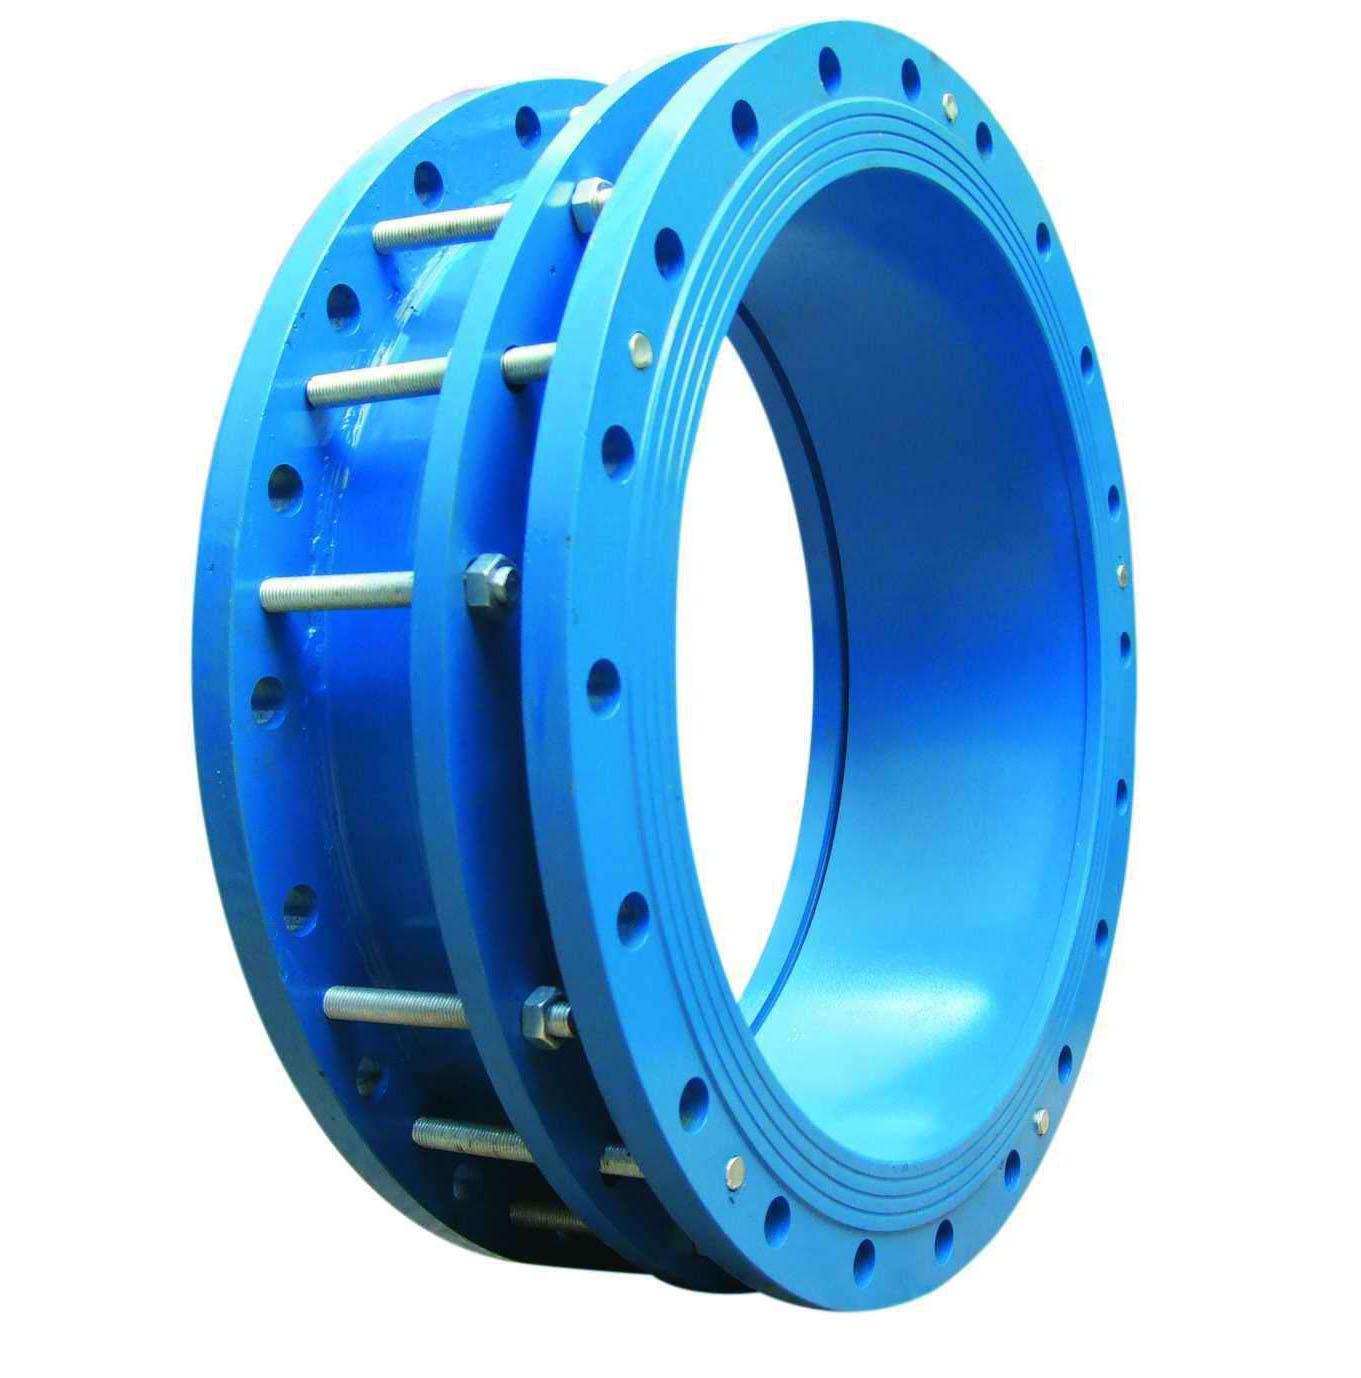 CC2F型可拆式传力接头-CC2F型可拆式传力接头价格-CC2F型可拆式传力接头生产厂家